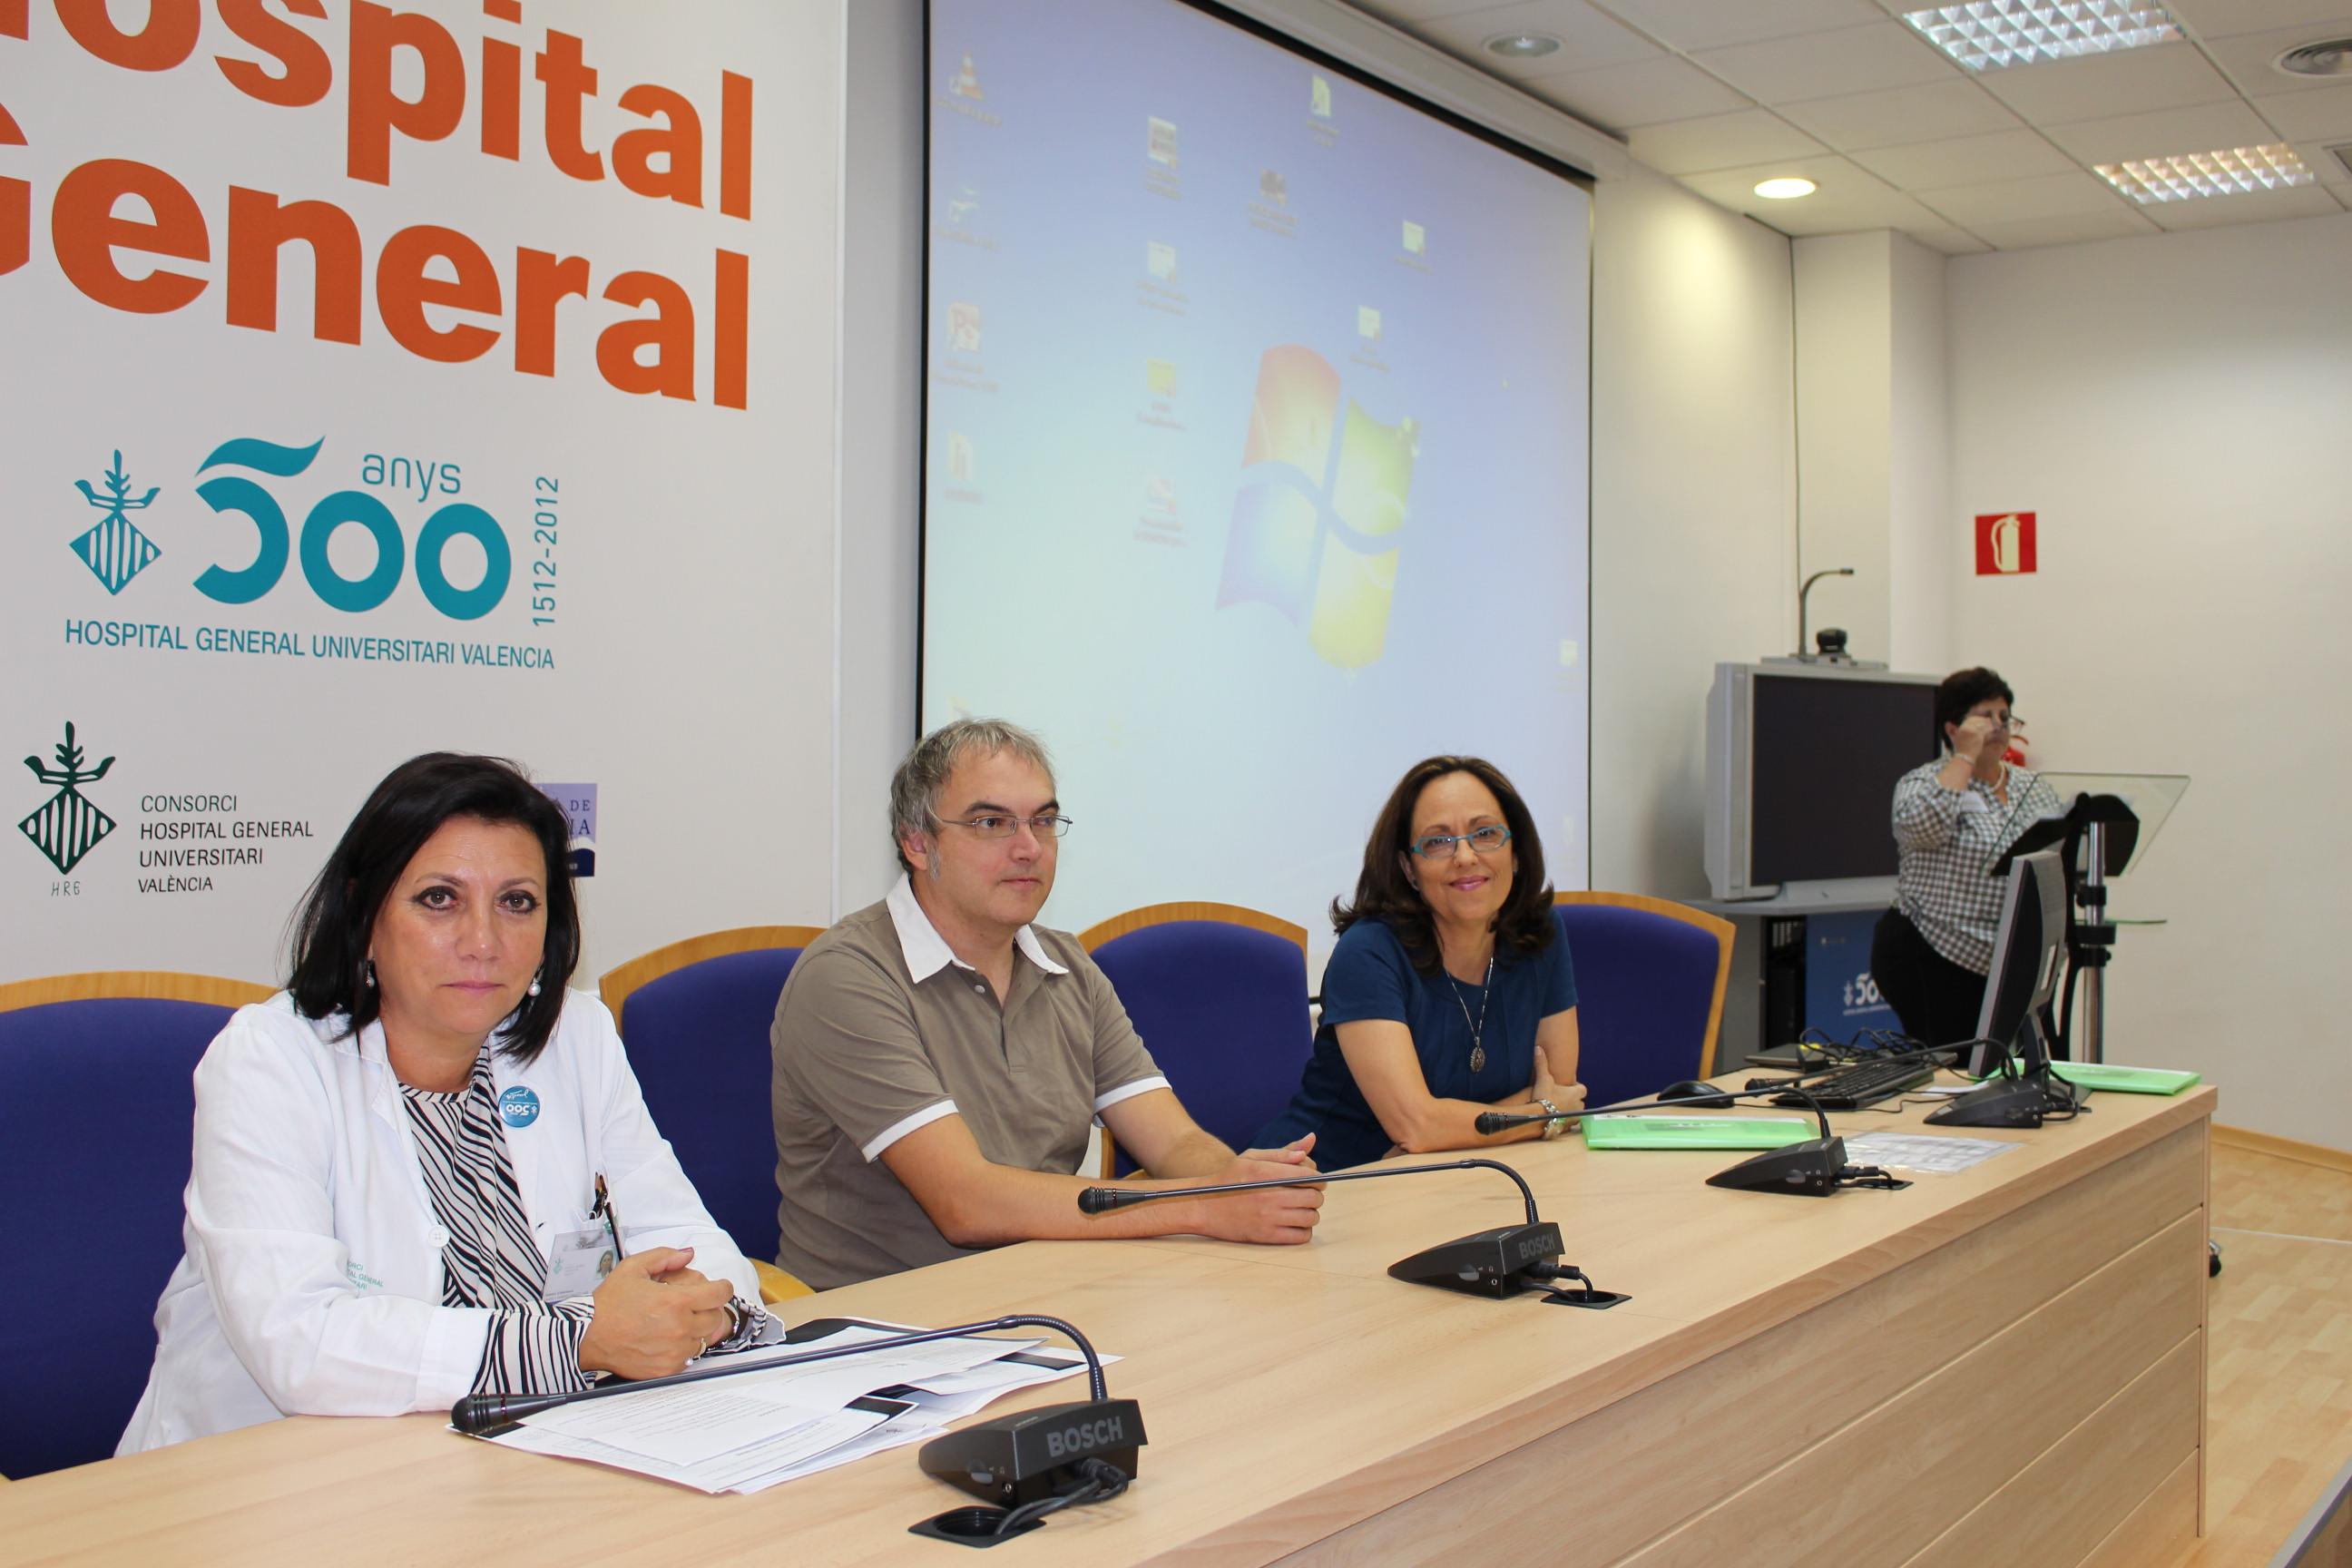 Apertura Jornada Lactancia Materna_Hospital General de Valencia